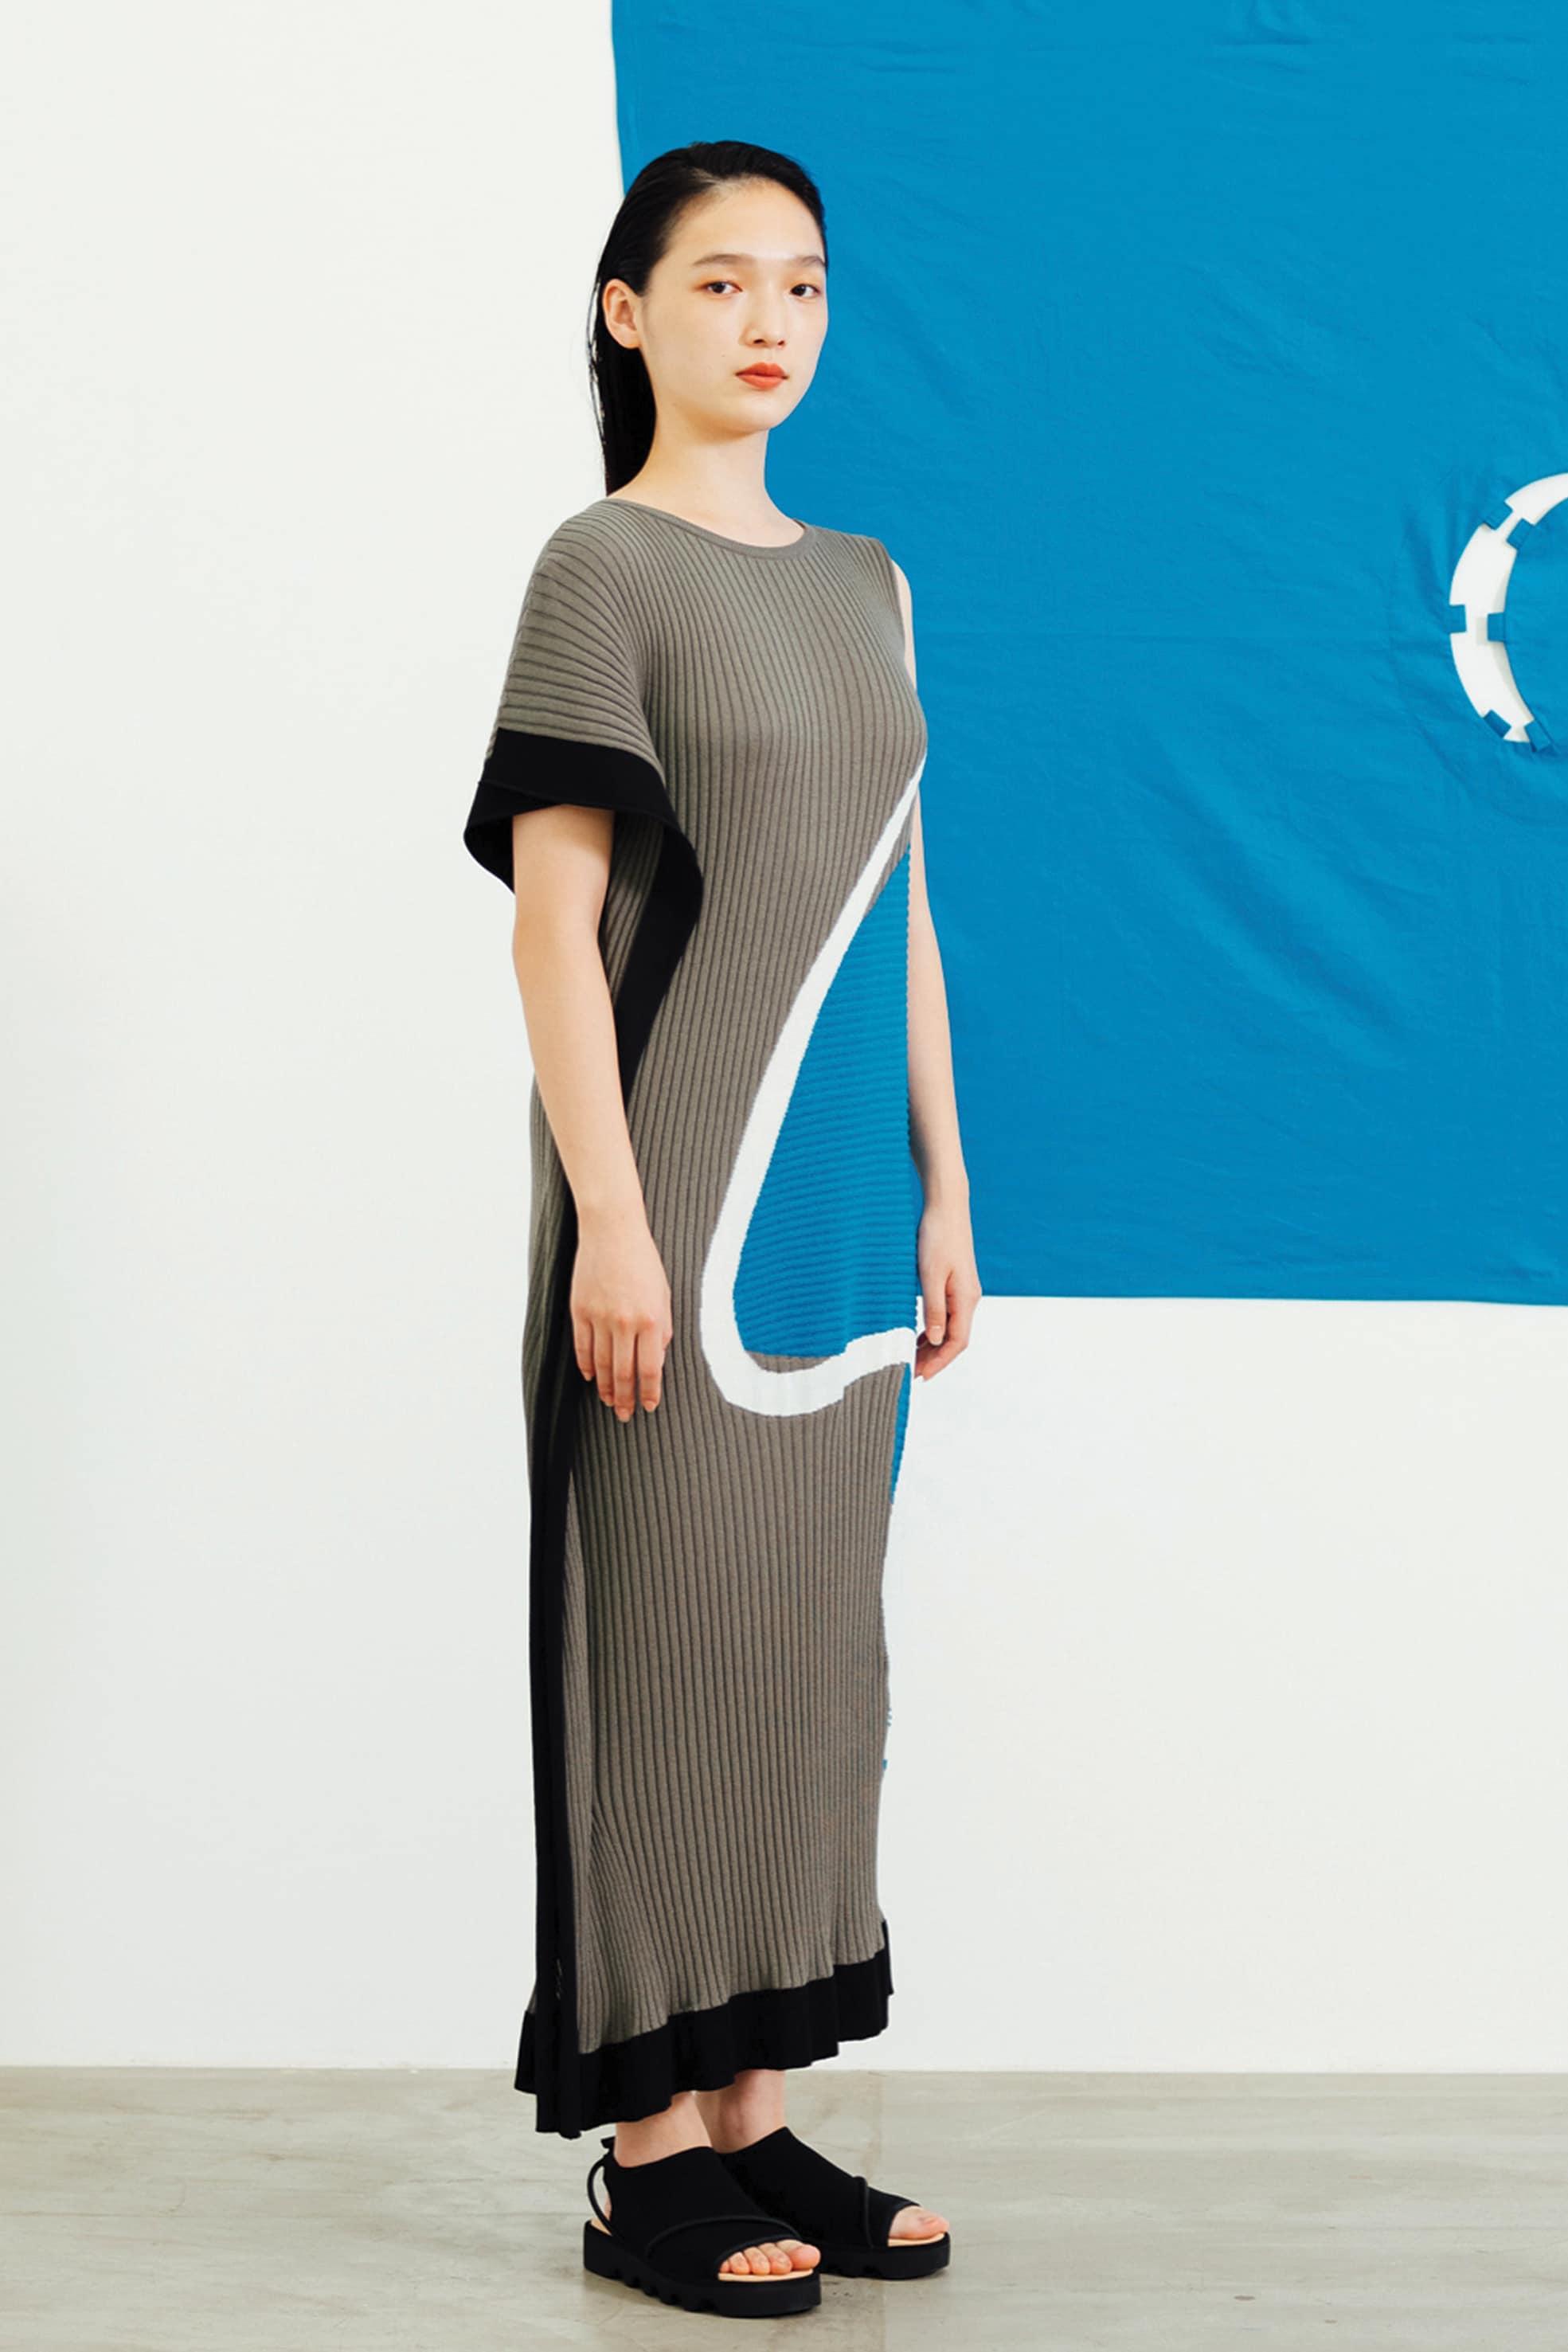 ISSEY MIYAKE Abito in maglia a coste con maniche asimmetriche e stampa Temporary Room, un salotto dipinto dal design team.